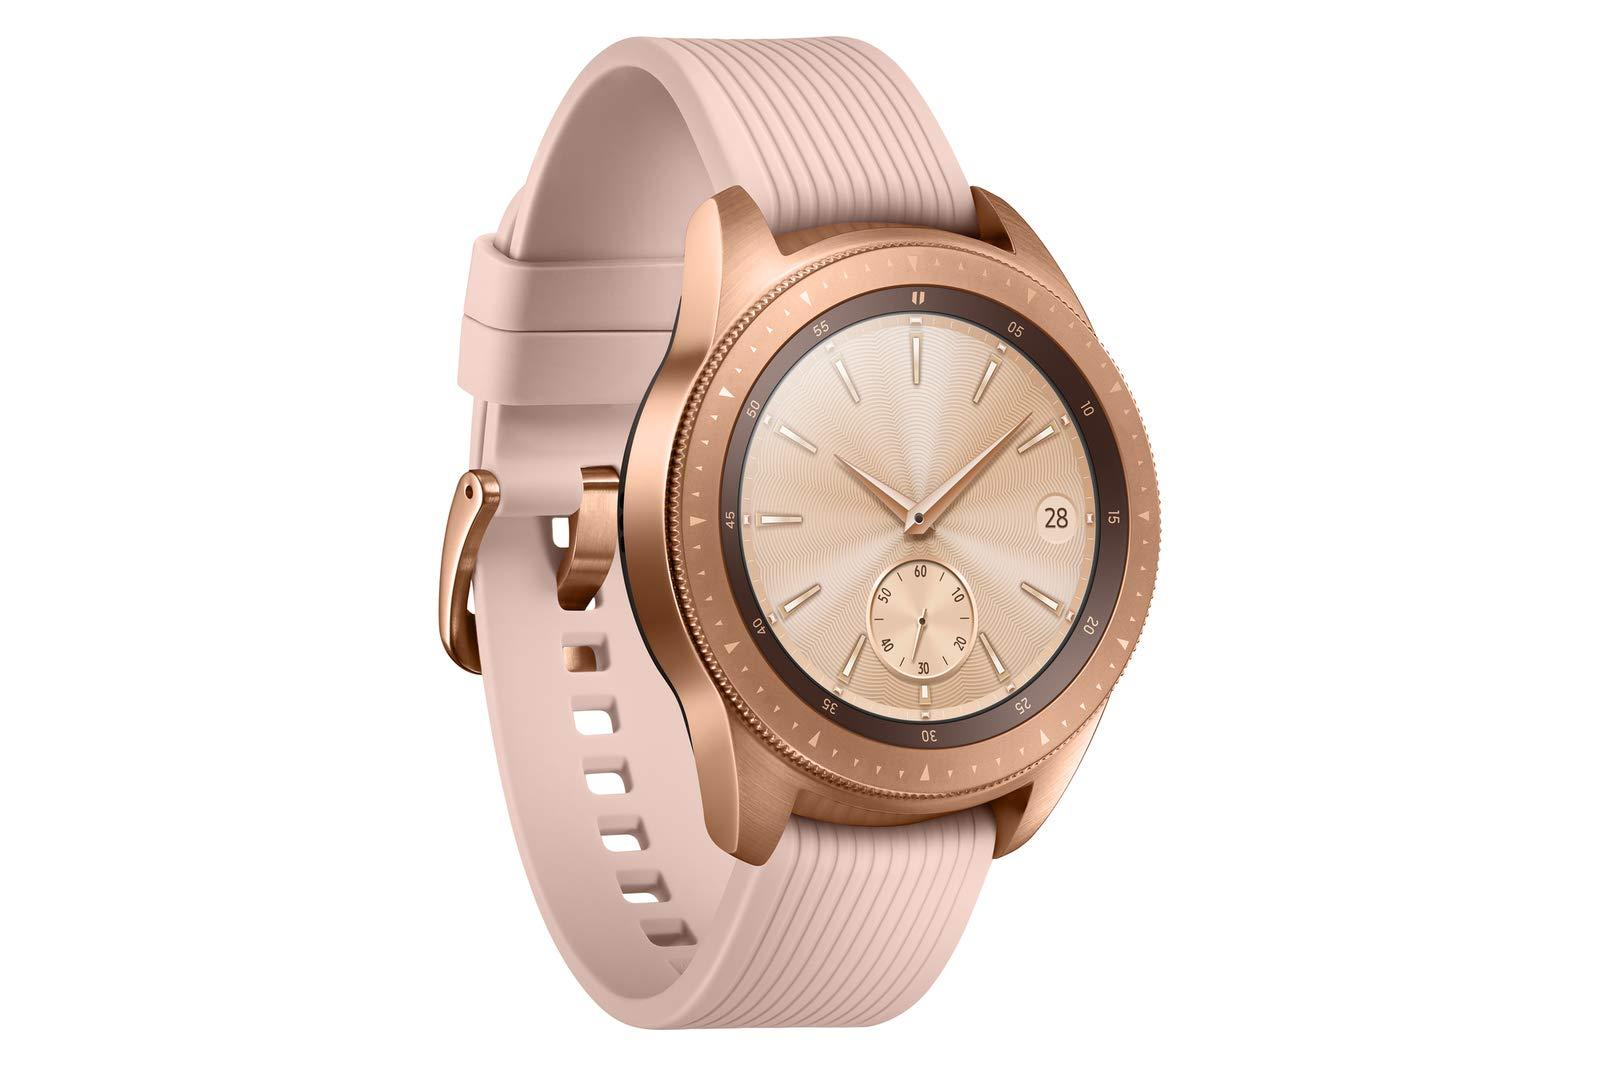 Samsung Galaxy Watch (42mm) SM-R810NZDAXAR (Bluetooth) - Rose Gold (Renewed) by Samsung